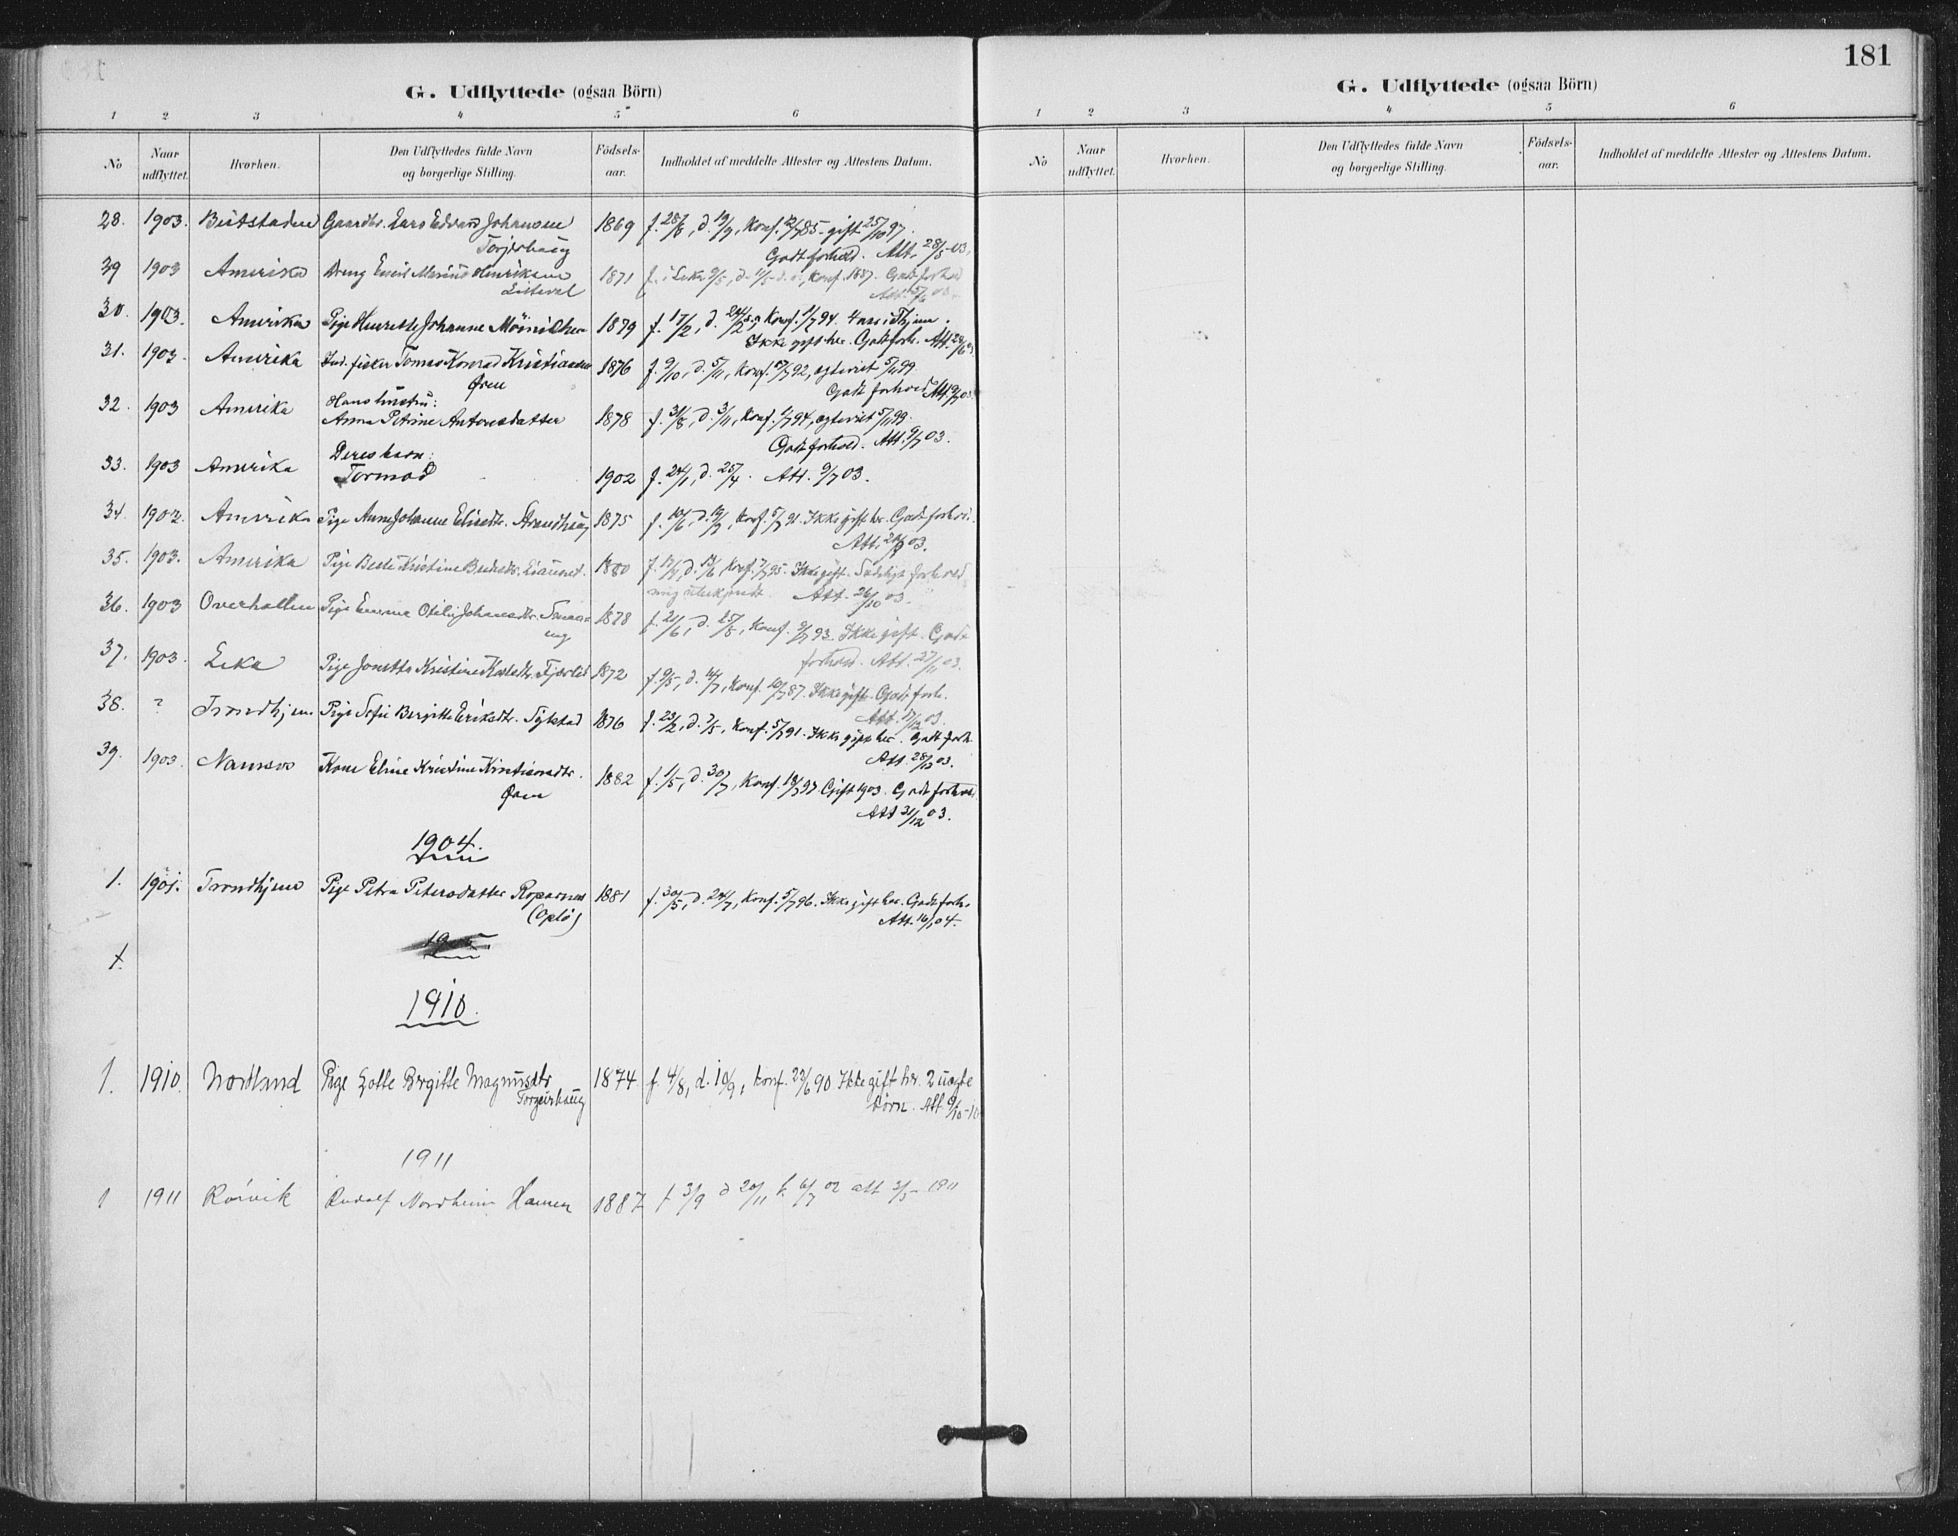 SAT, Ministerialprotokoller, klokkerbøker og fødselsregistre - Nord-Trøndelag, 780/L0644: Ministerialbok nr. 780A08, 1886-1903, s. 181